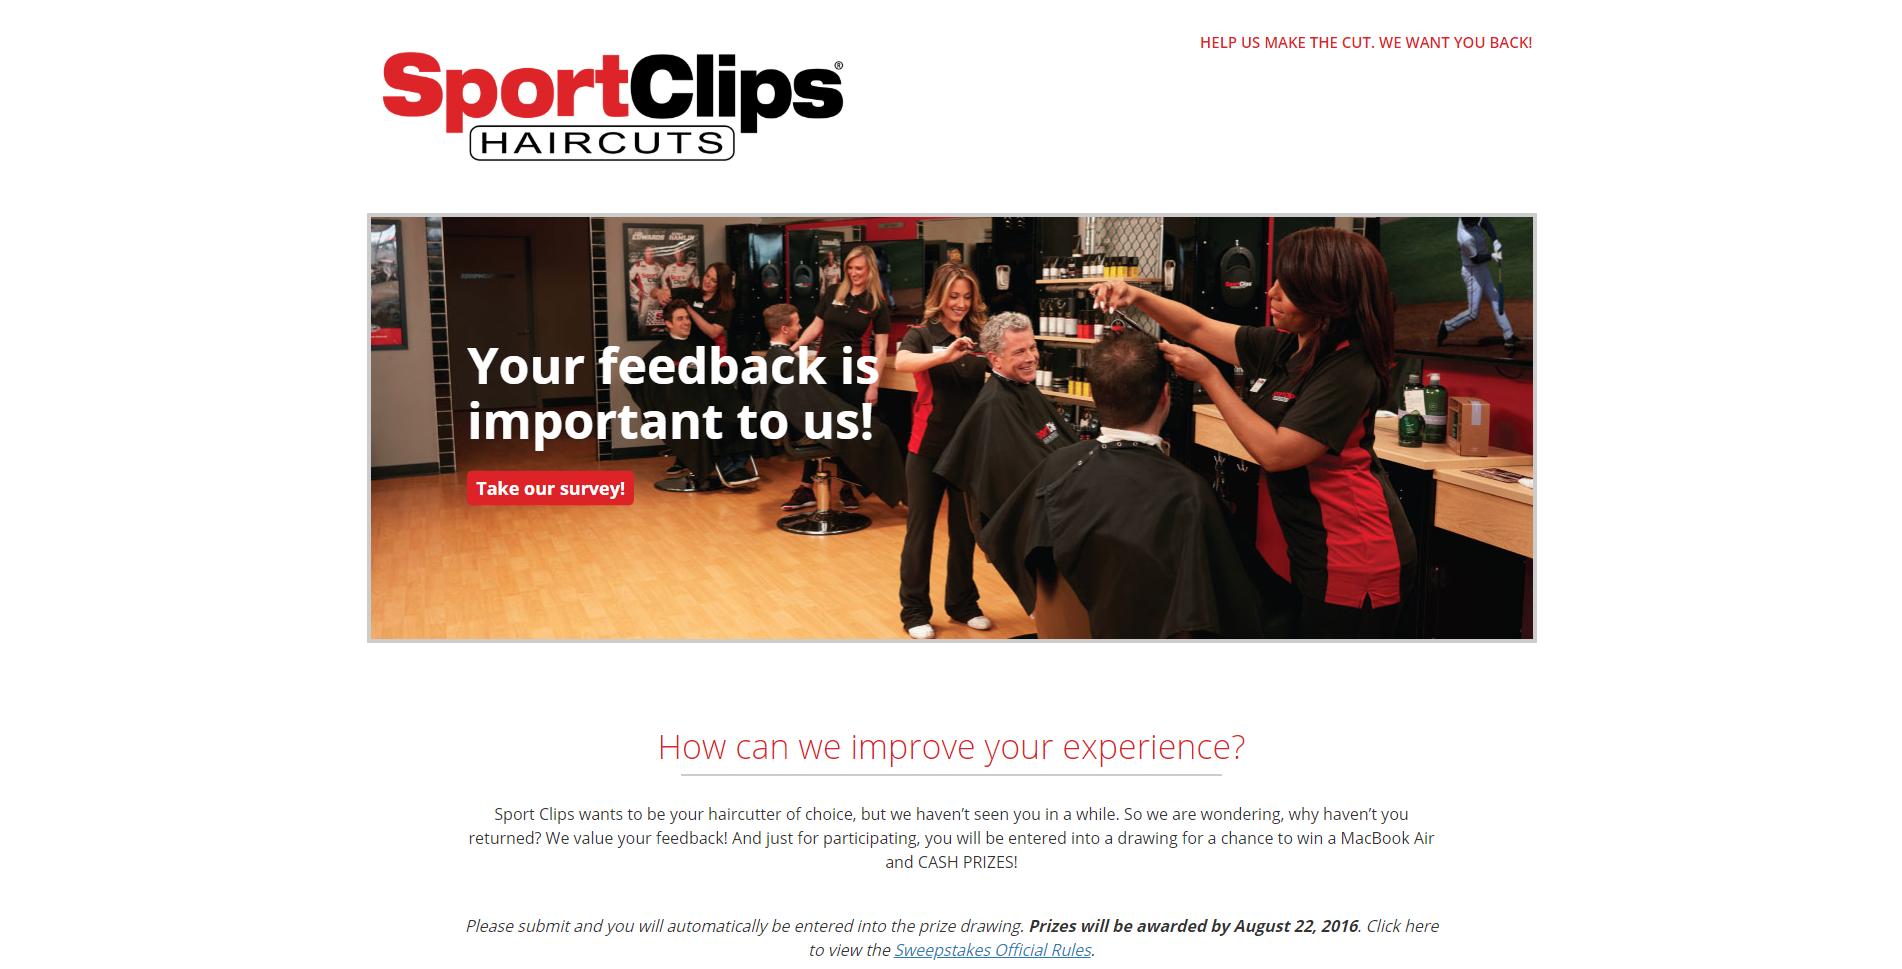 sportclipsfeedback.com